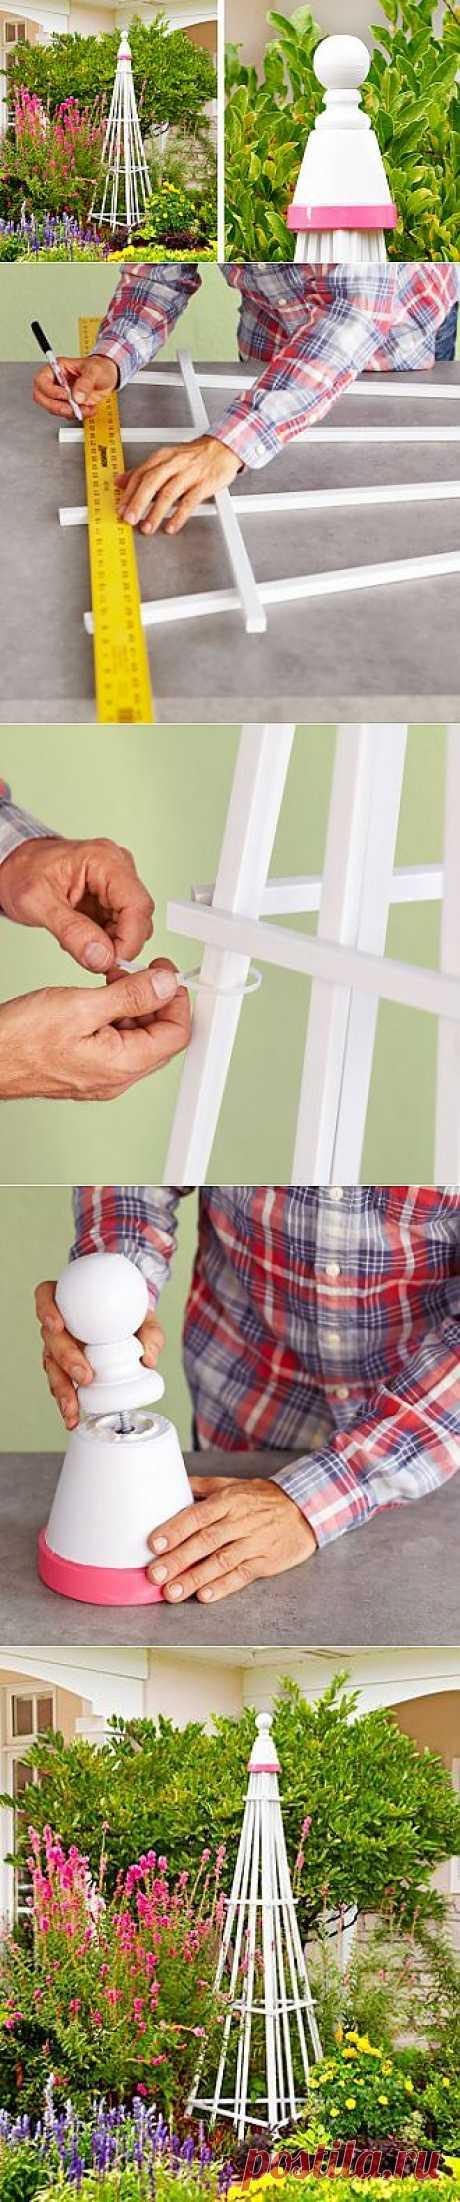 Как создать простой решетчатый сад своими руками.  InfoHome.com.ua